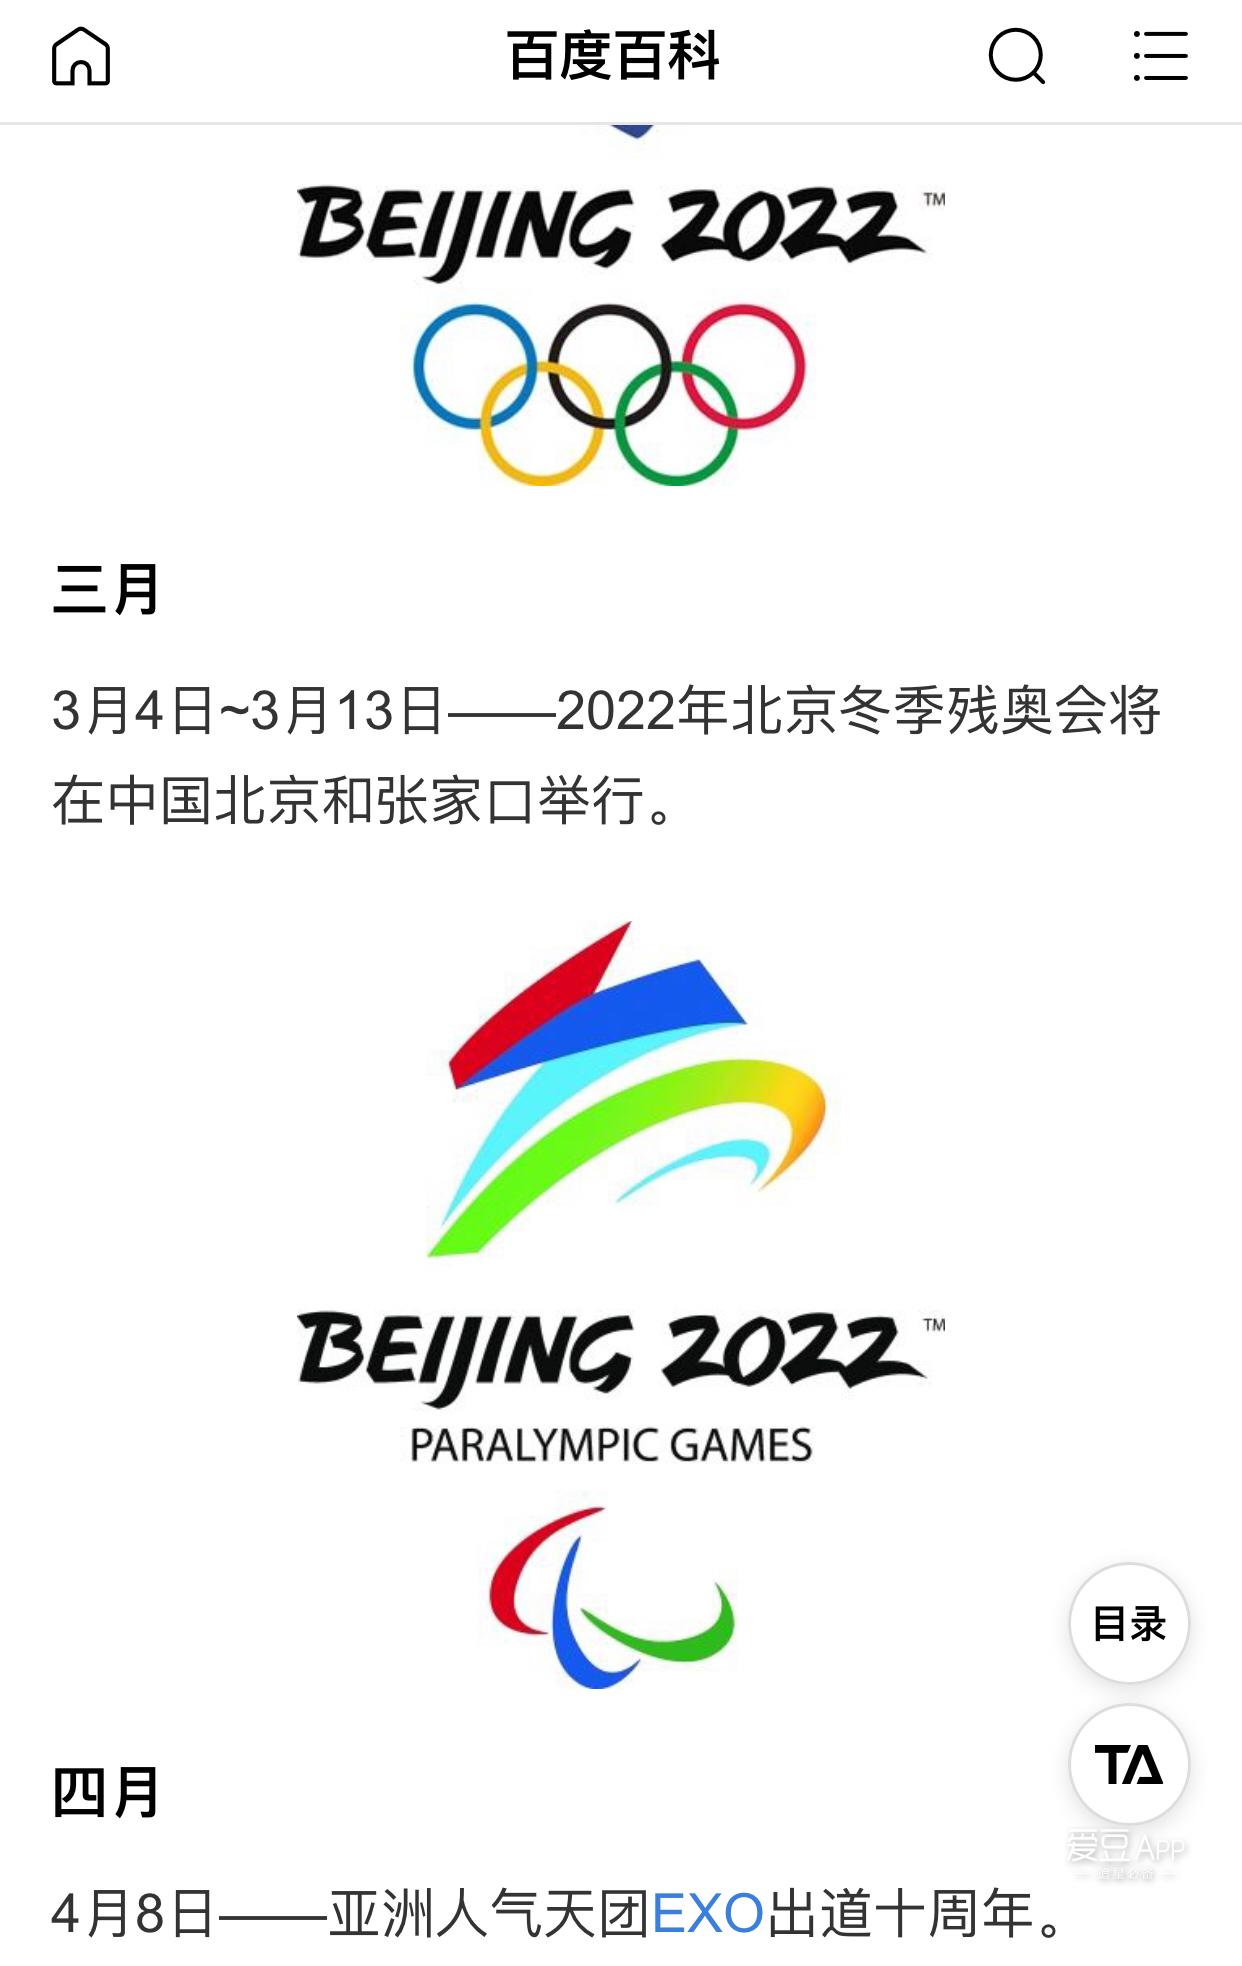 2022年中国的重大事件